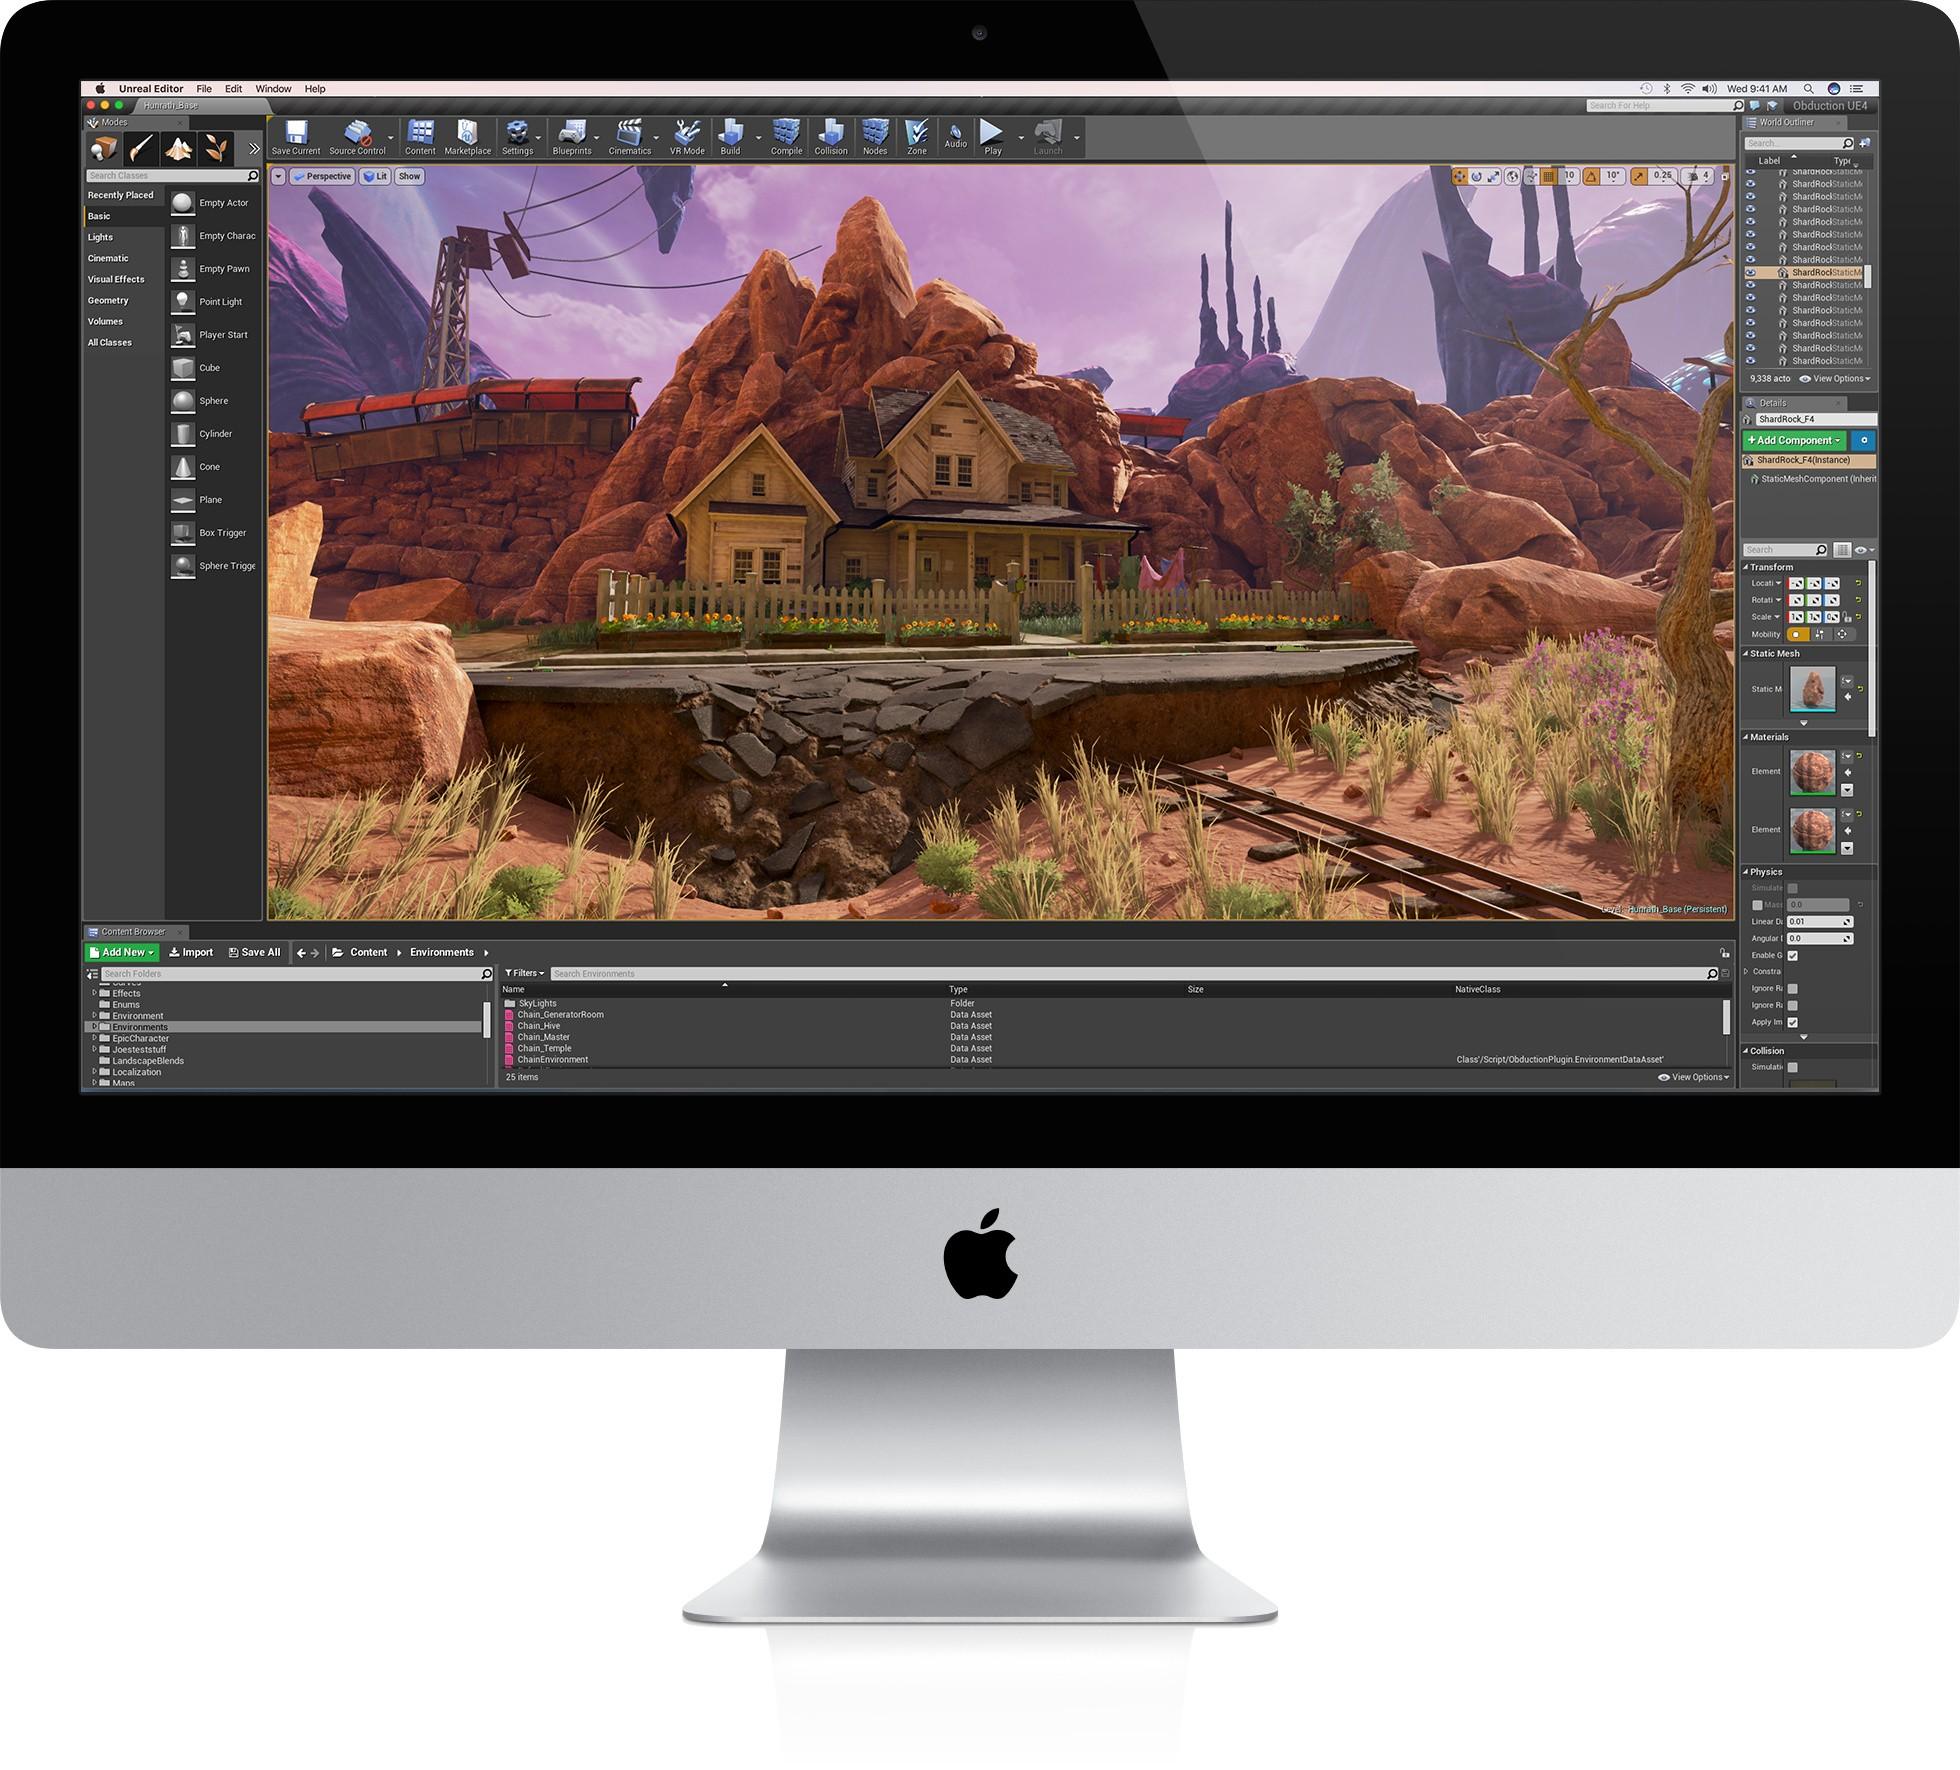 macOS High Sierra 10 13 Released with Metal 2, External GPU